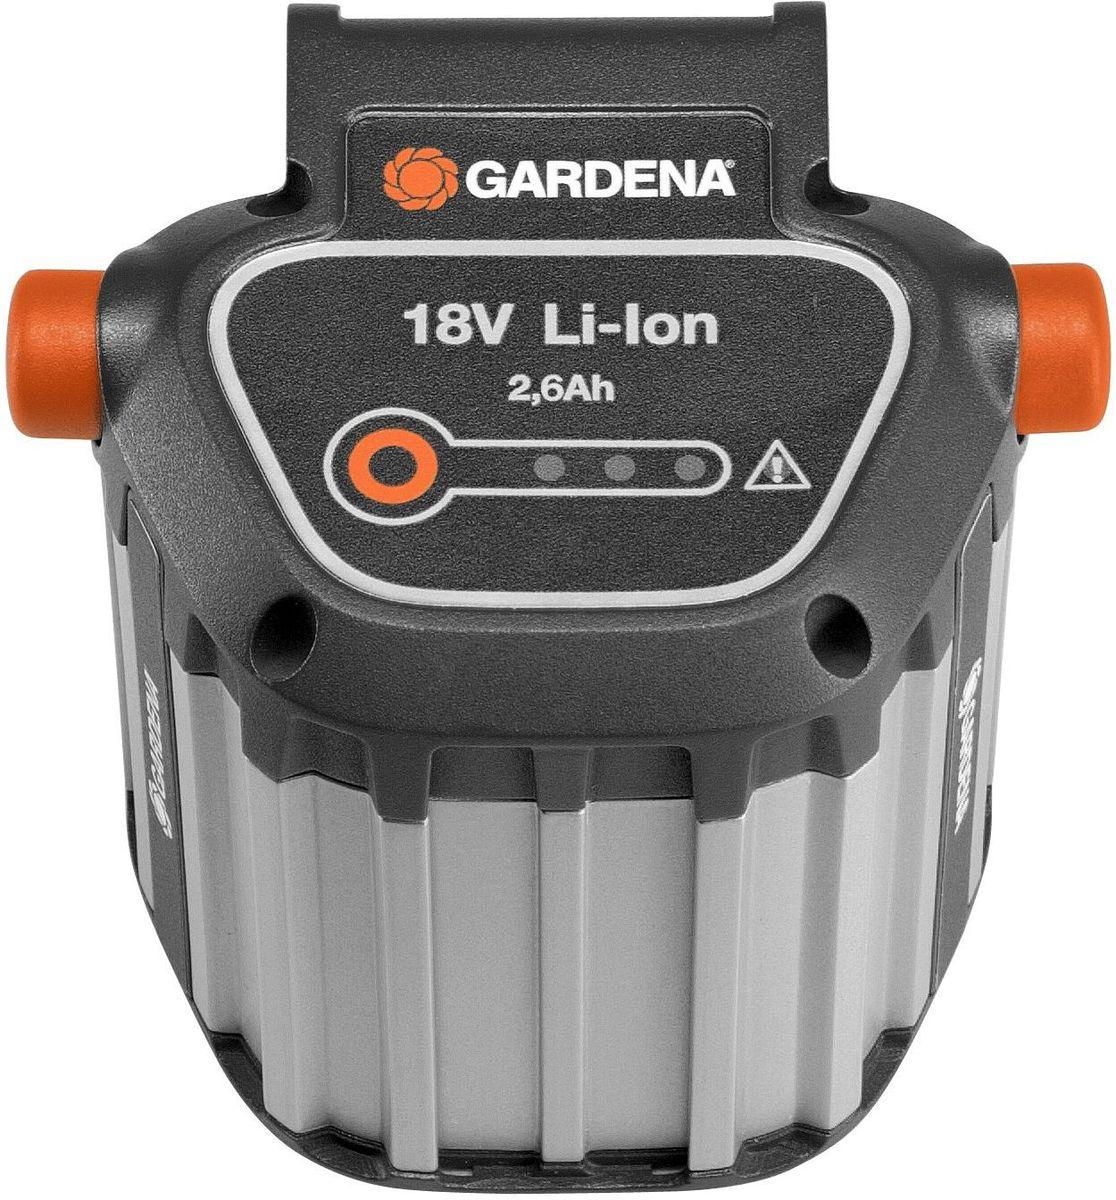 Аккумулятор Gardena BLi-18, литий-ионный09839-20.000.00Мощная литий-йонная аккумуляторная батарея, экологически безопасная, для турботриммера EasyCut Li-18/23R.